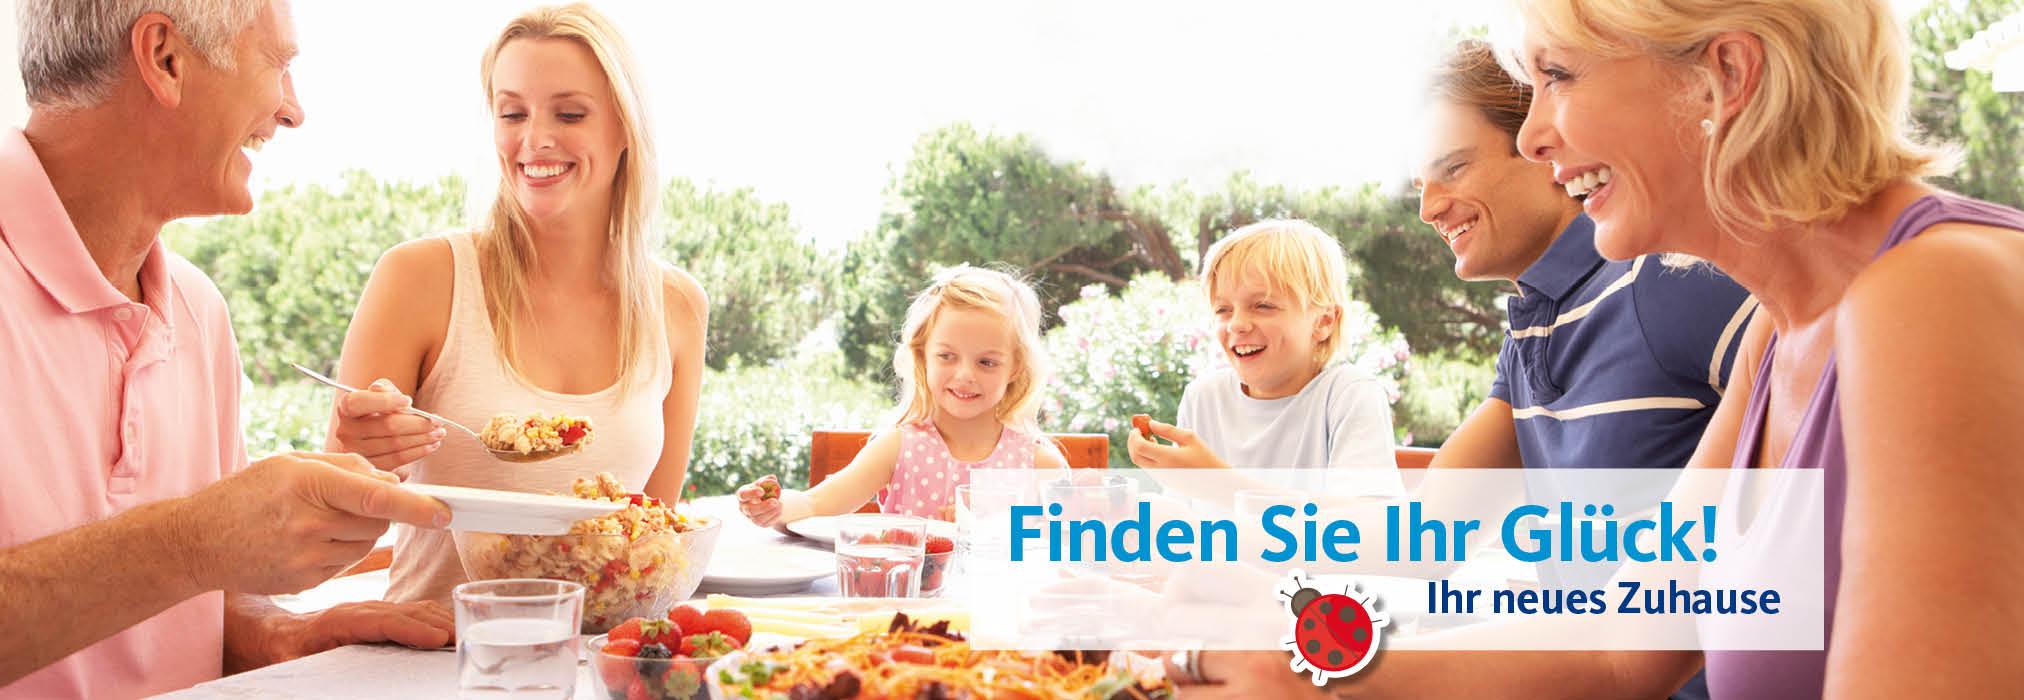 Beste Spielothek in Oberkirch finden